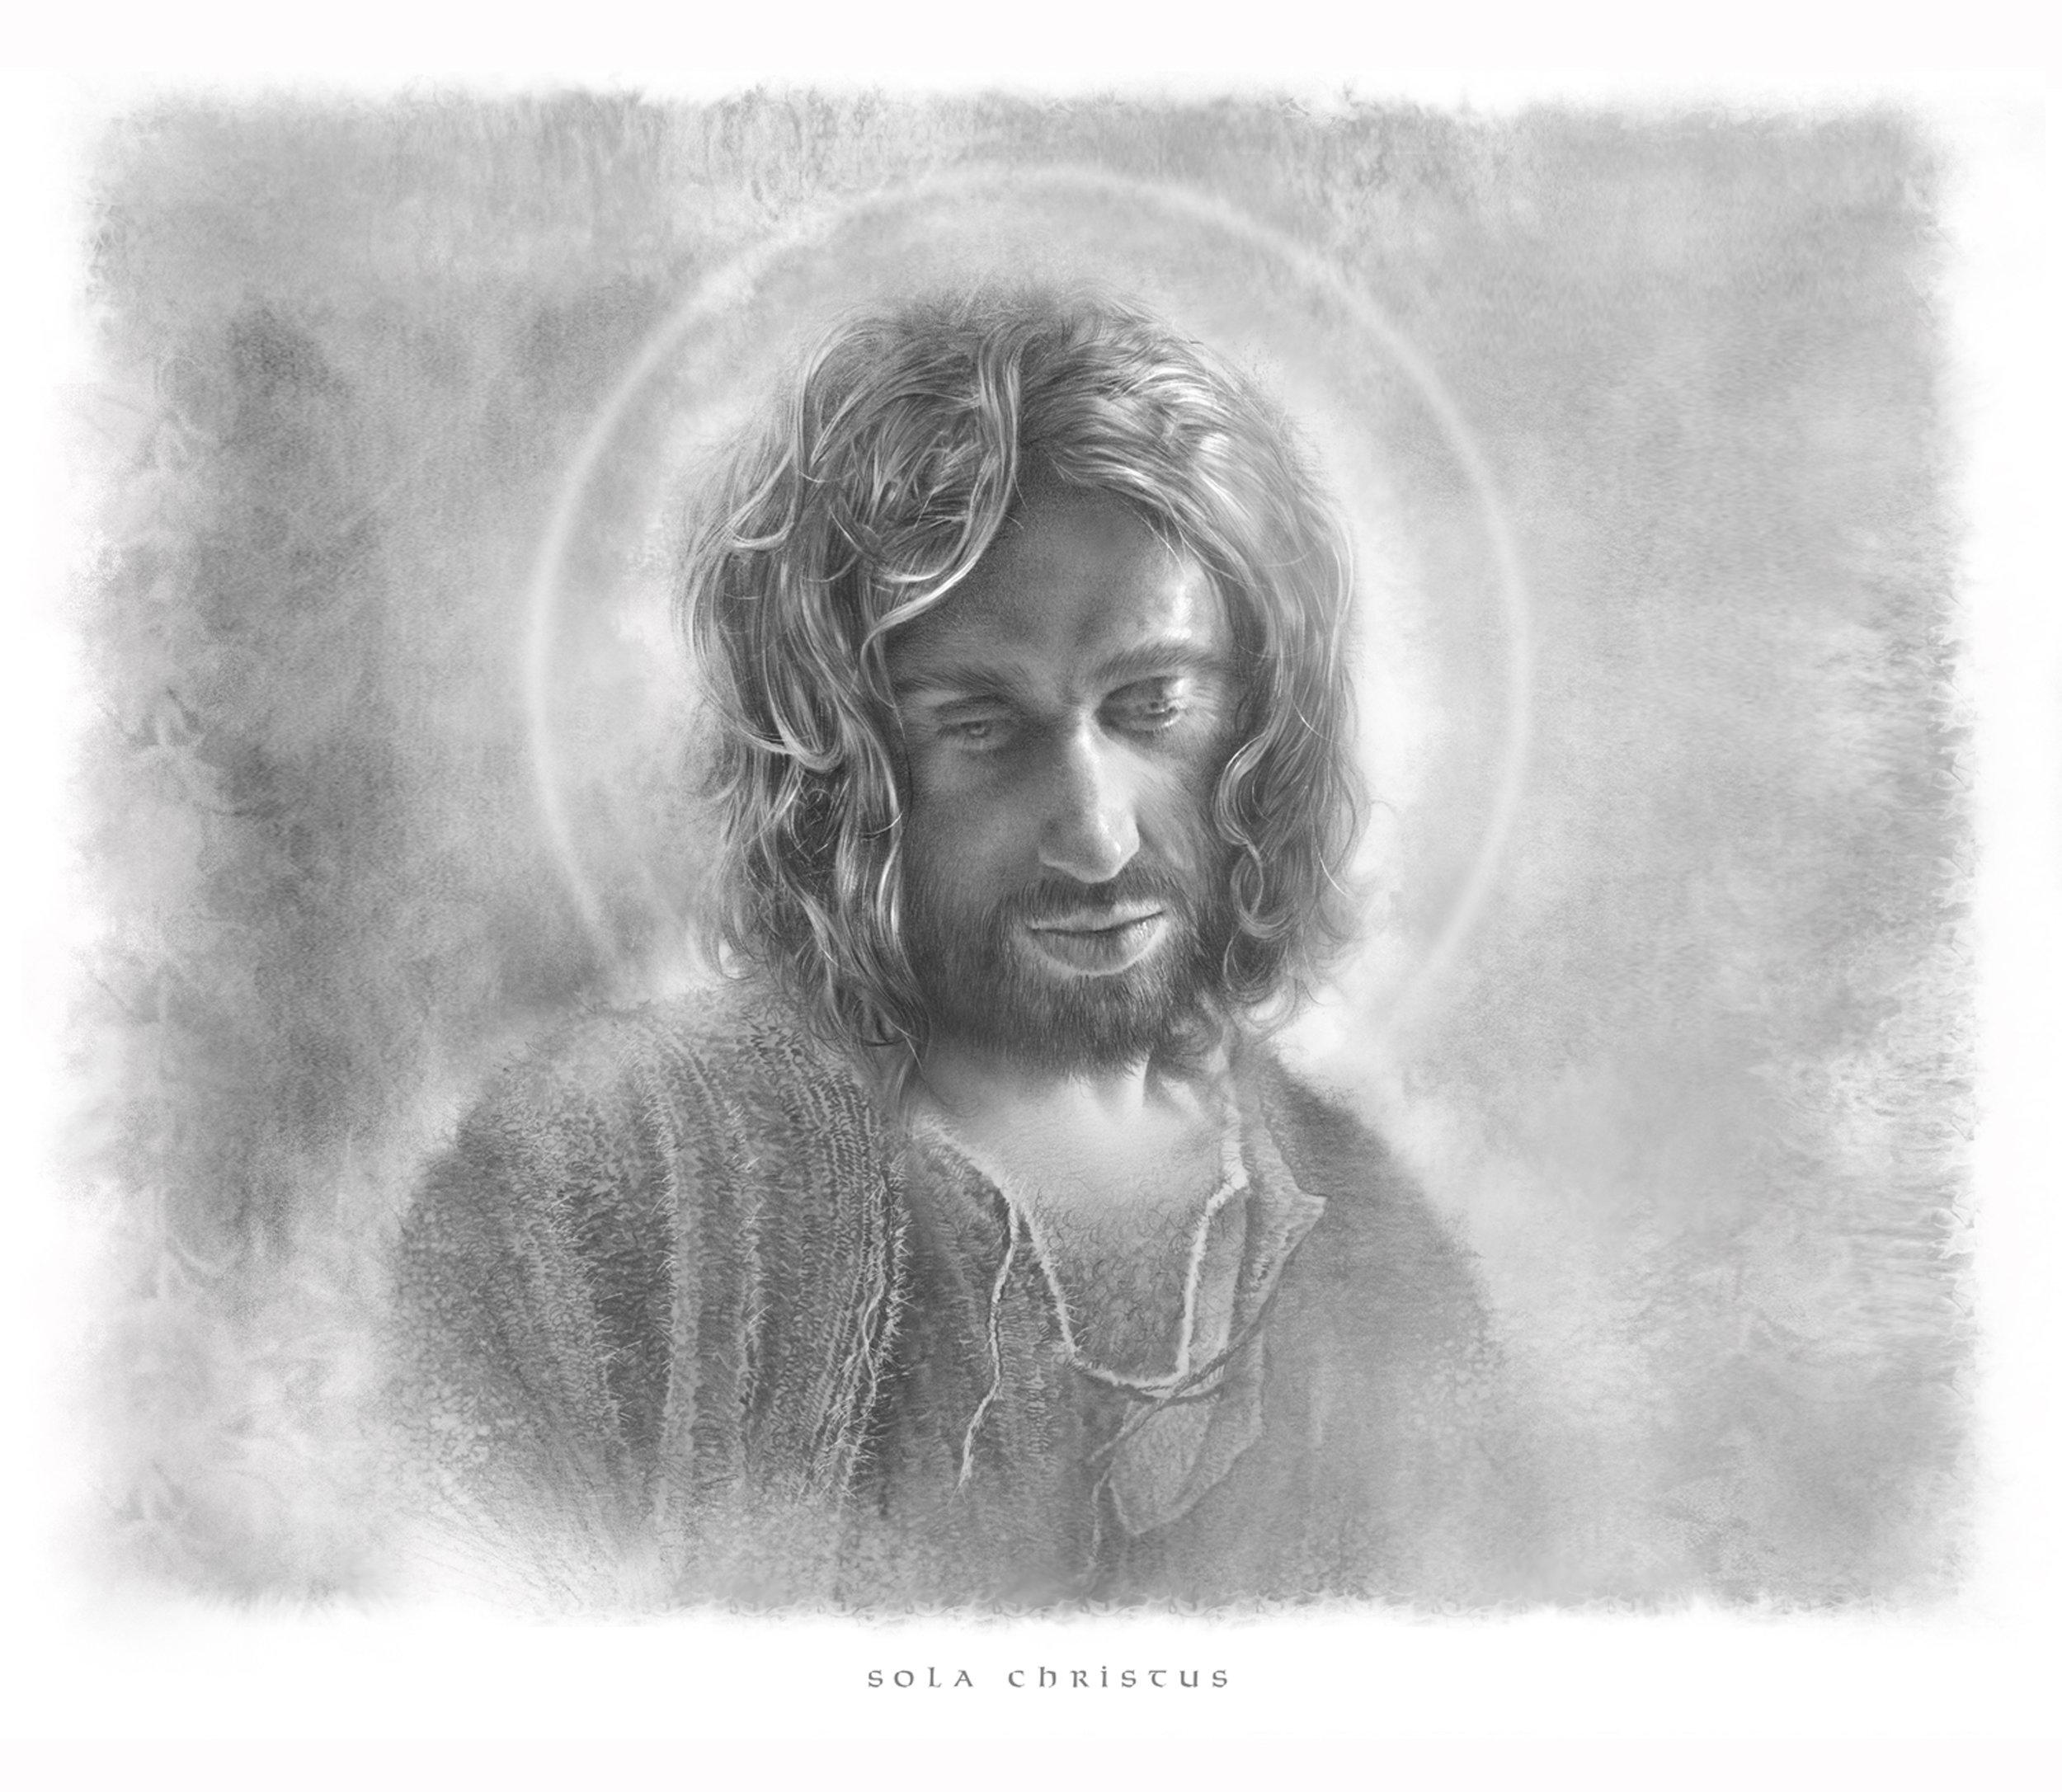 Sola Christus